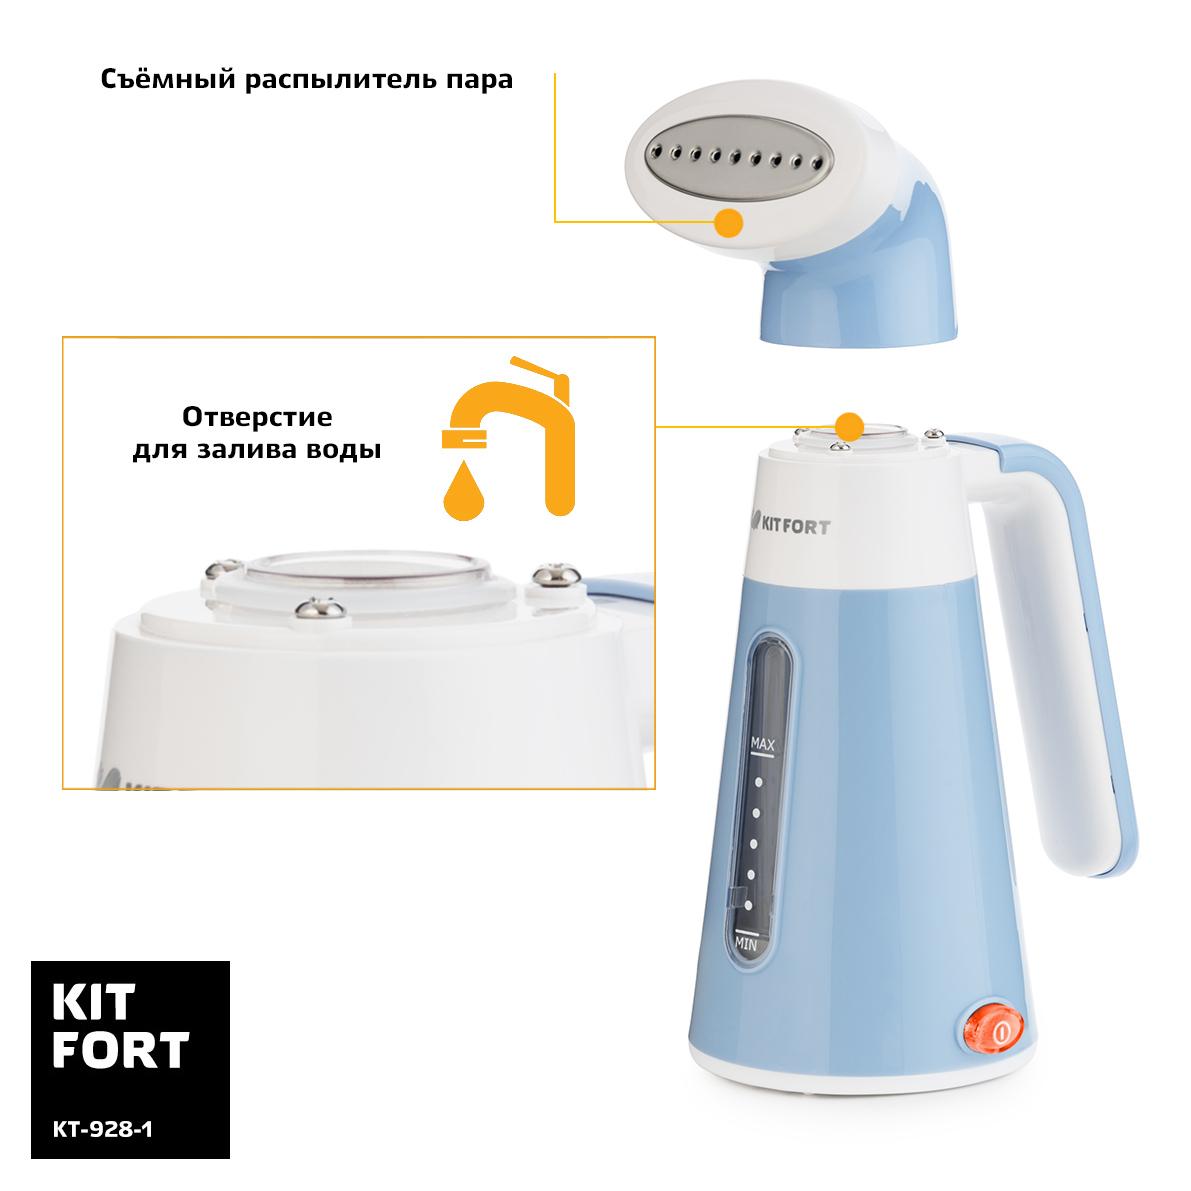 Отпариватель ручной Kitfort КТ-928-1, цвет: голубой Kitfort